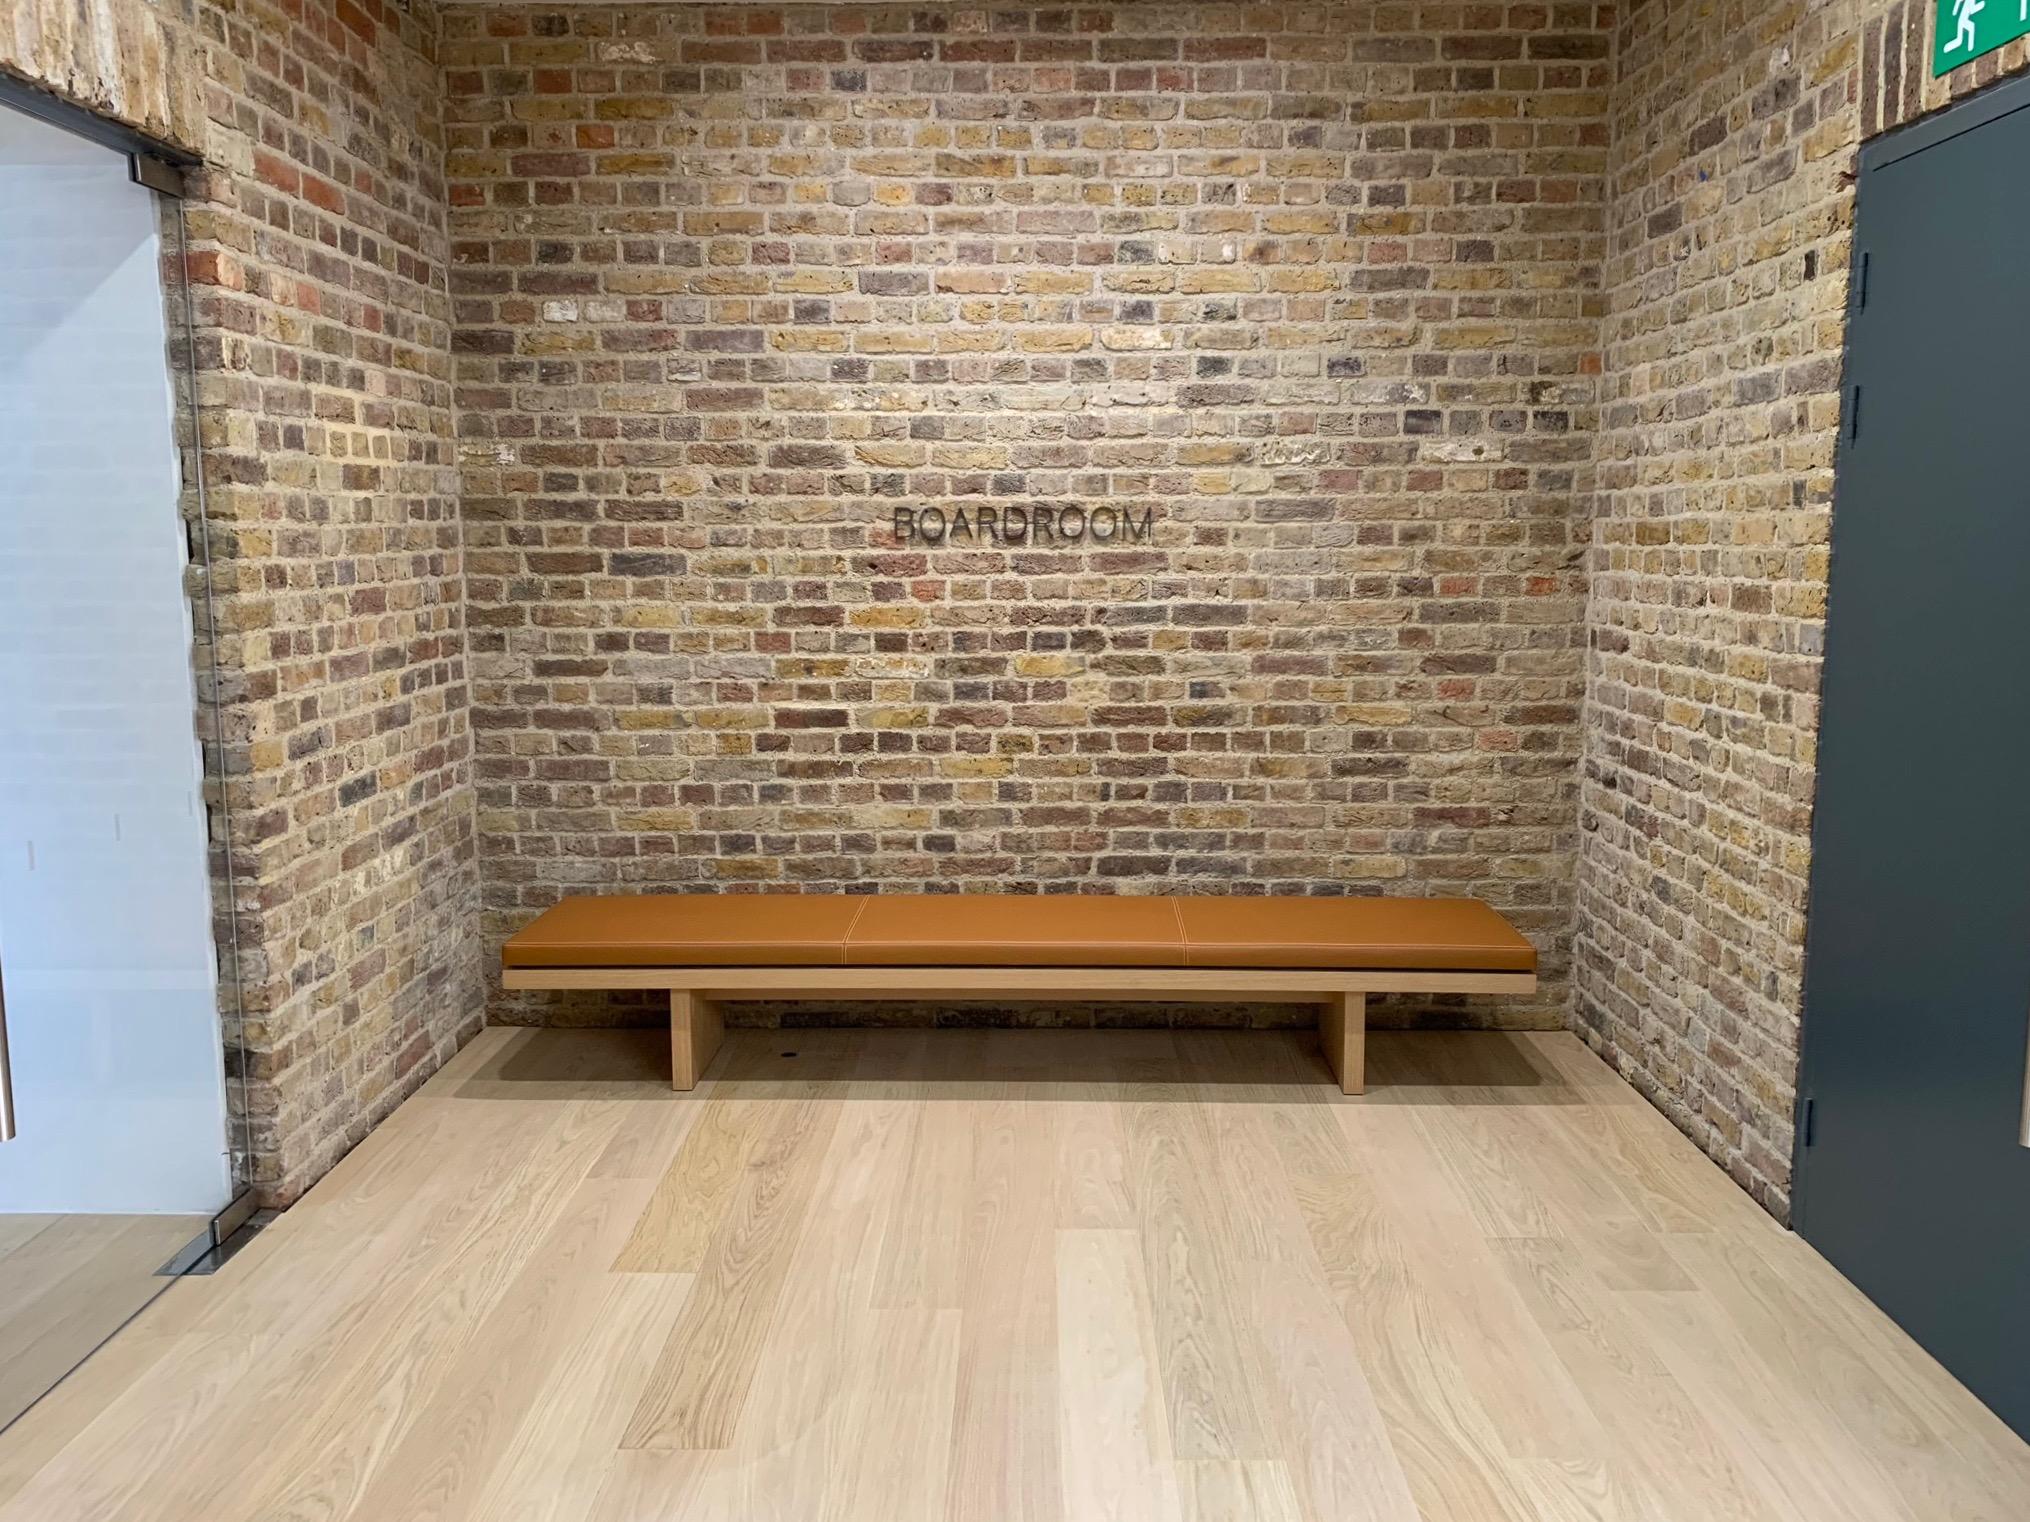 Fine Photos Apple Covent Garden Returns With New Forum Full Inzonedesignstudio Interior Chair Design Inzonedesignstudiocom